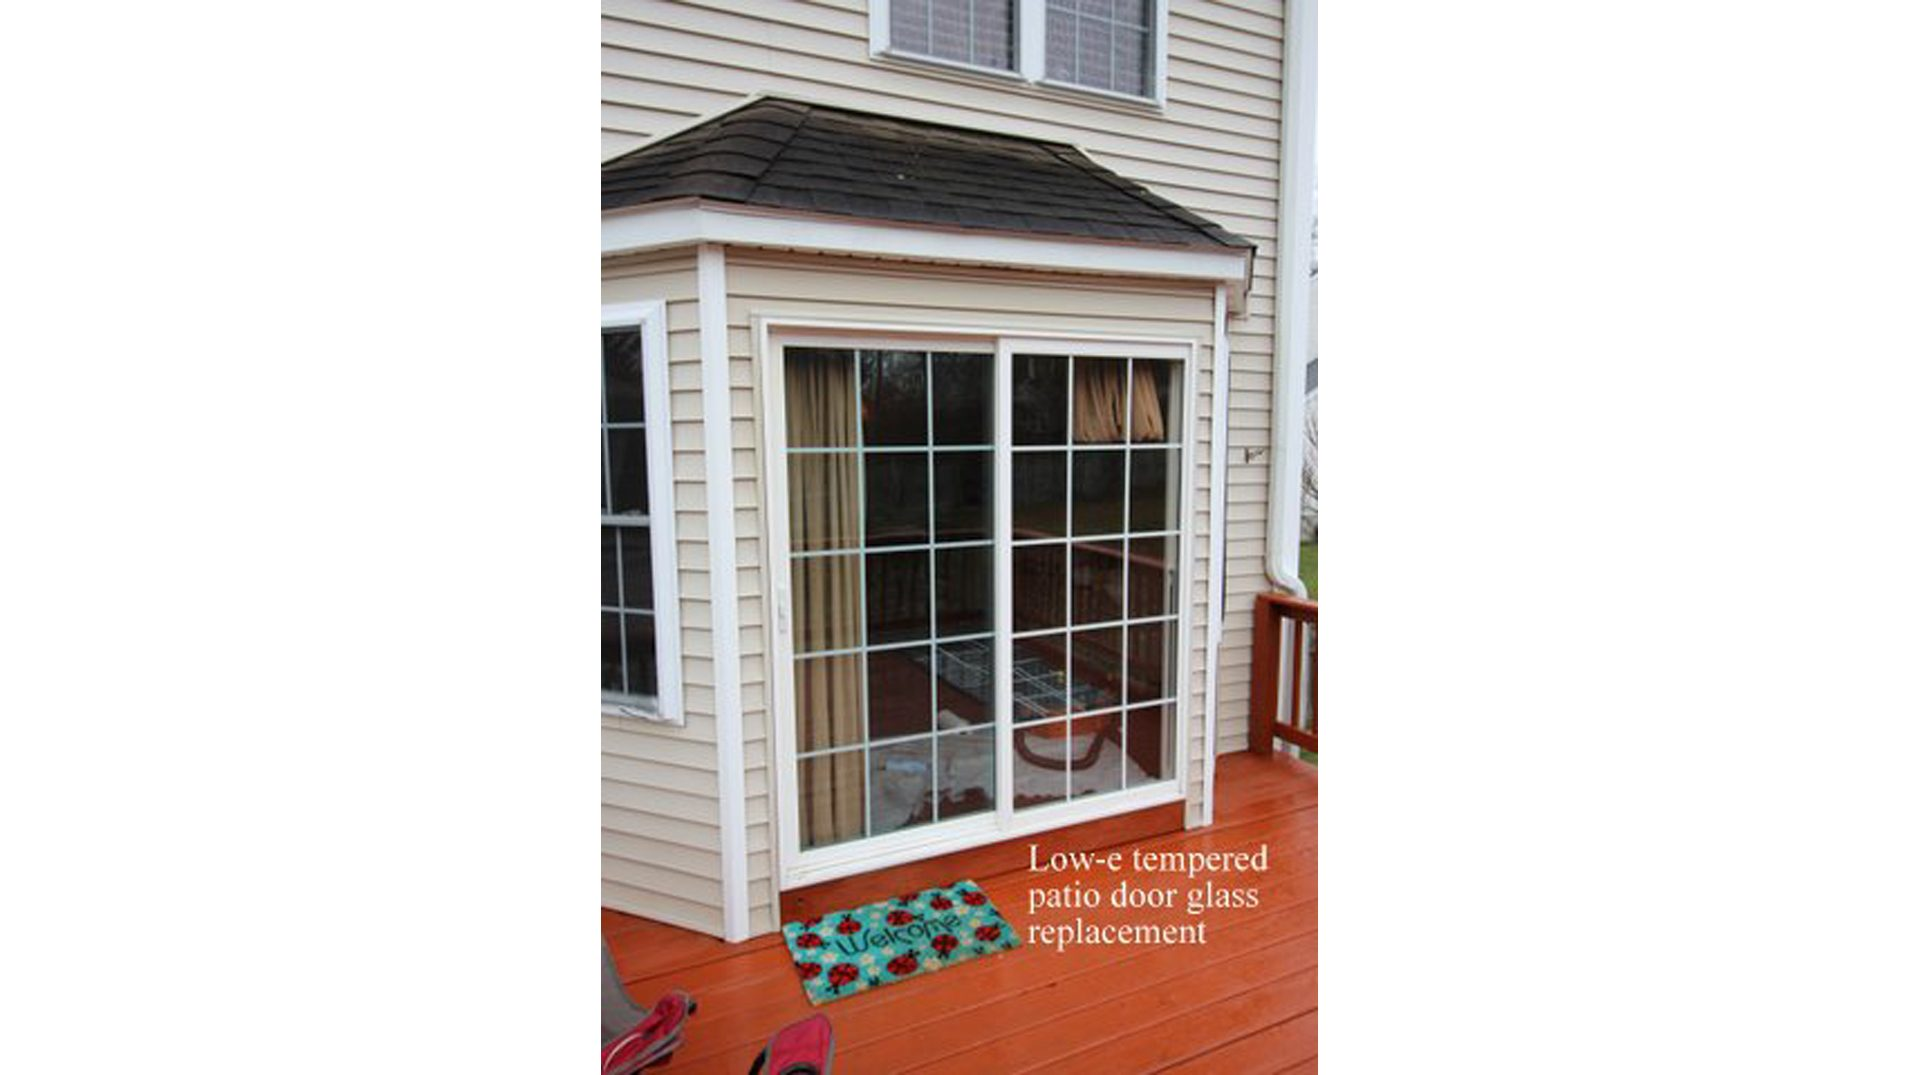 Replaced Patio Door Glass